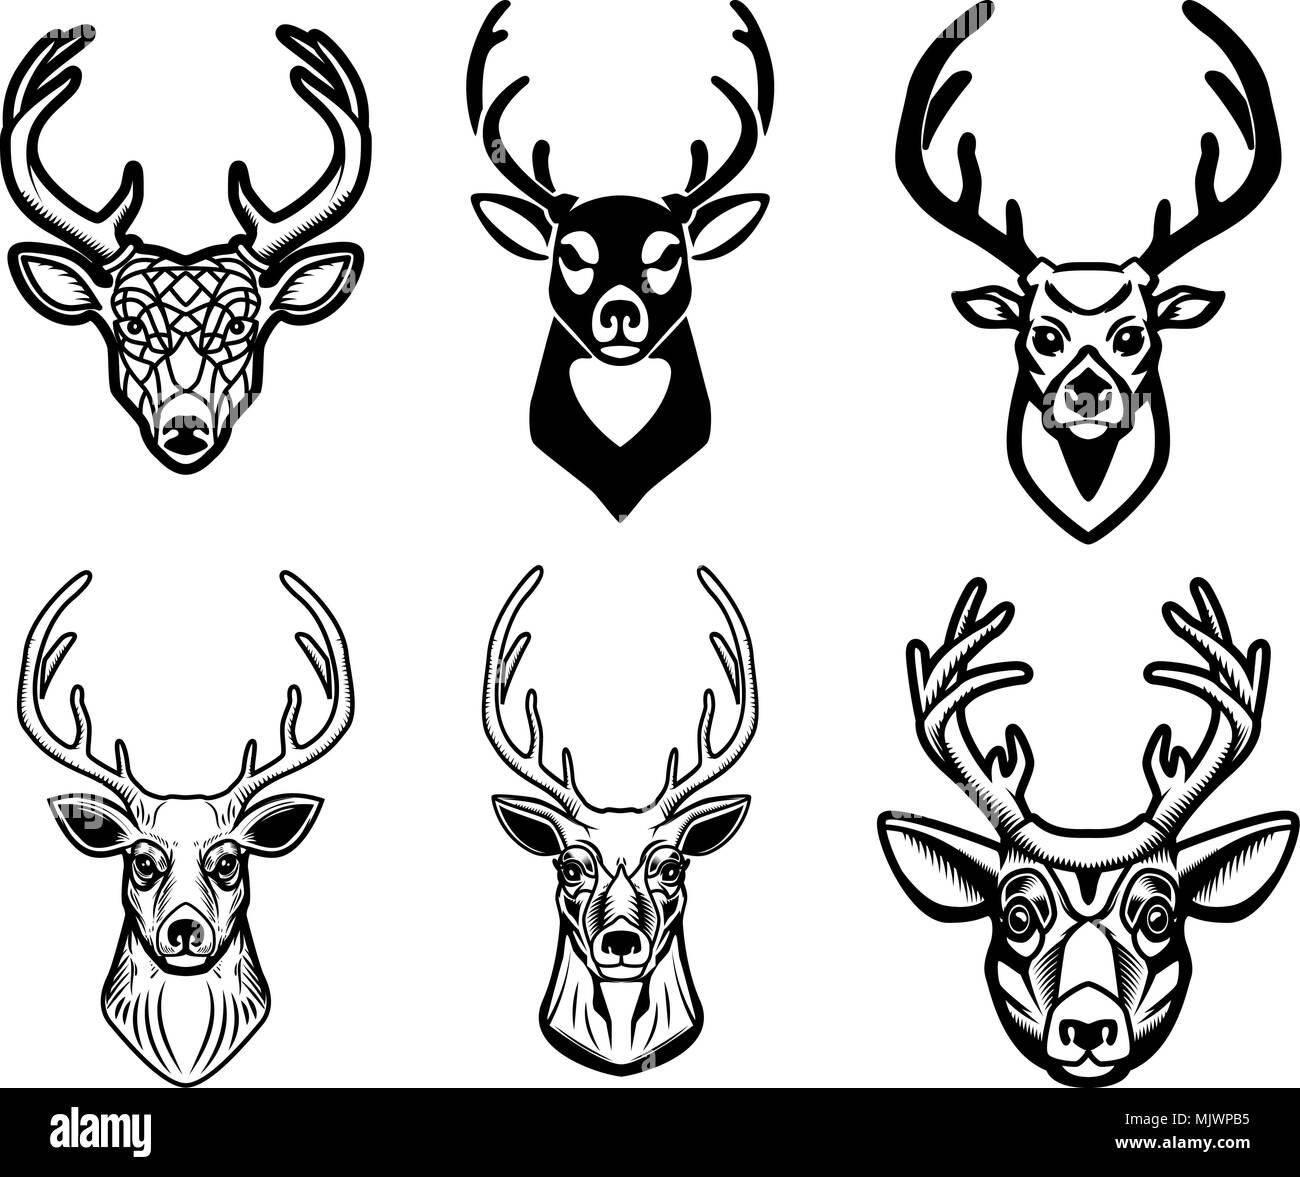 Set Of Deer Head Illustrations On White Background Design Elements For Poster Emblem Sign Badge Vector Image